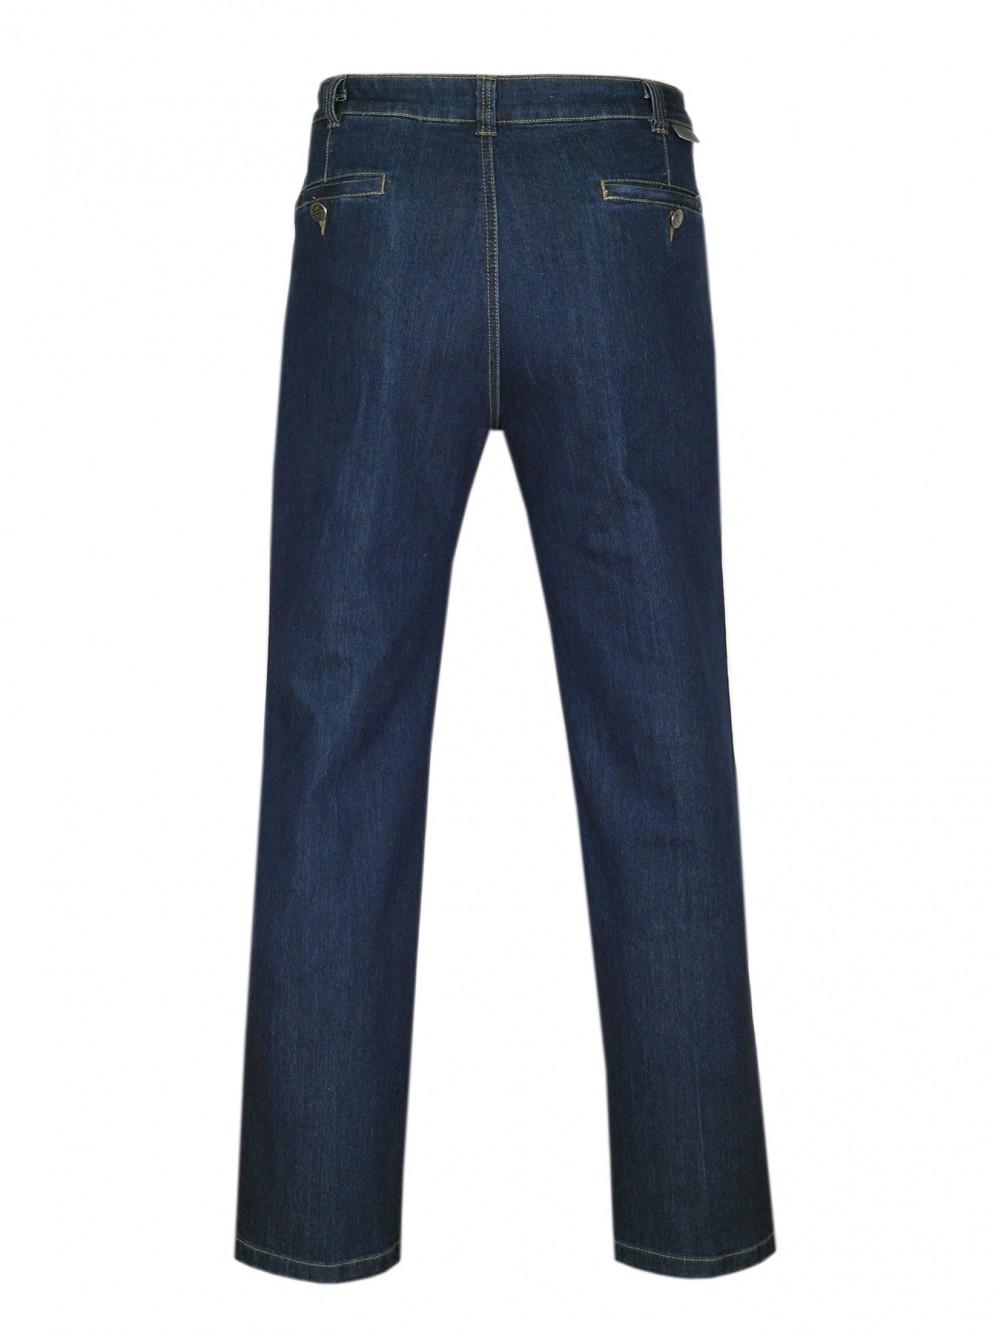 Stretch-Jeans, modische Stretchhosen für Herren - Blue/Hinteransicht